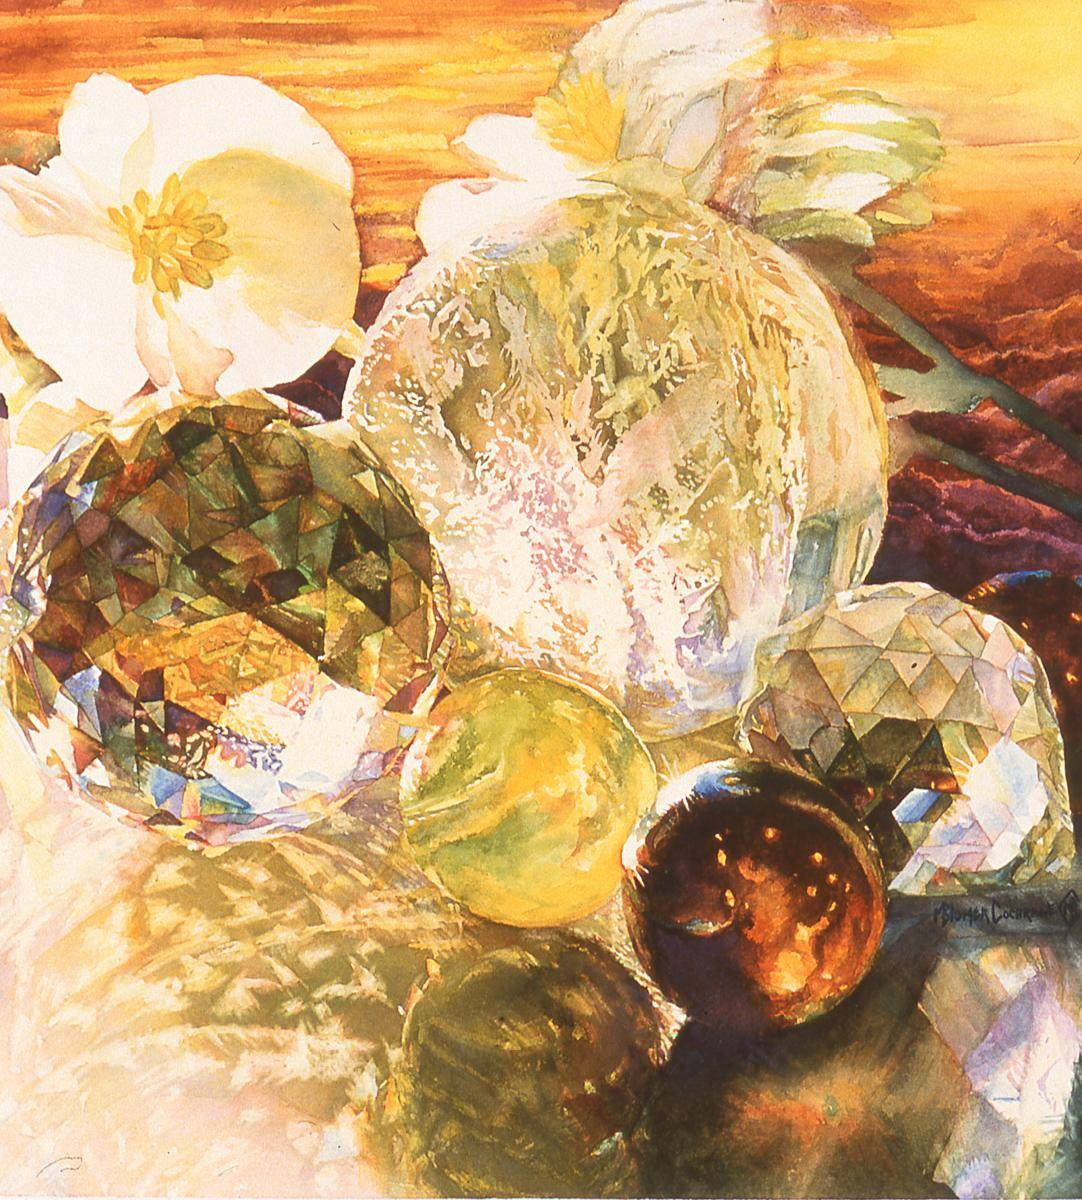 Cochrane, Marilyn Blumer, 2001, Crystal Glow, 39x42